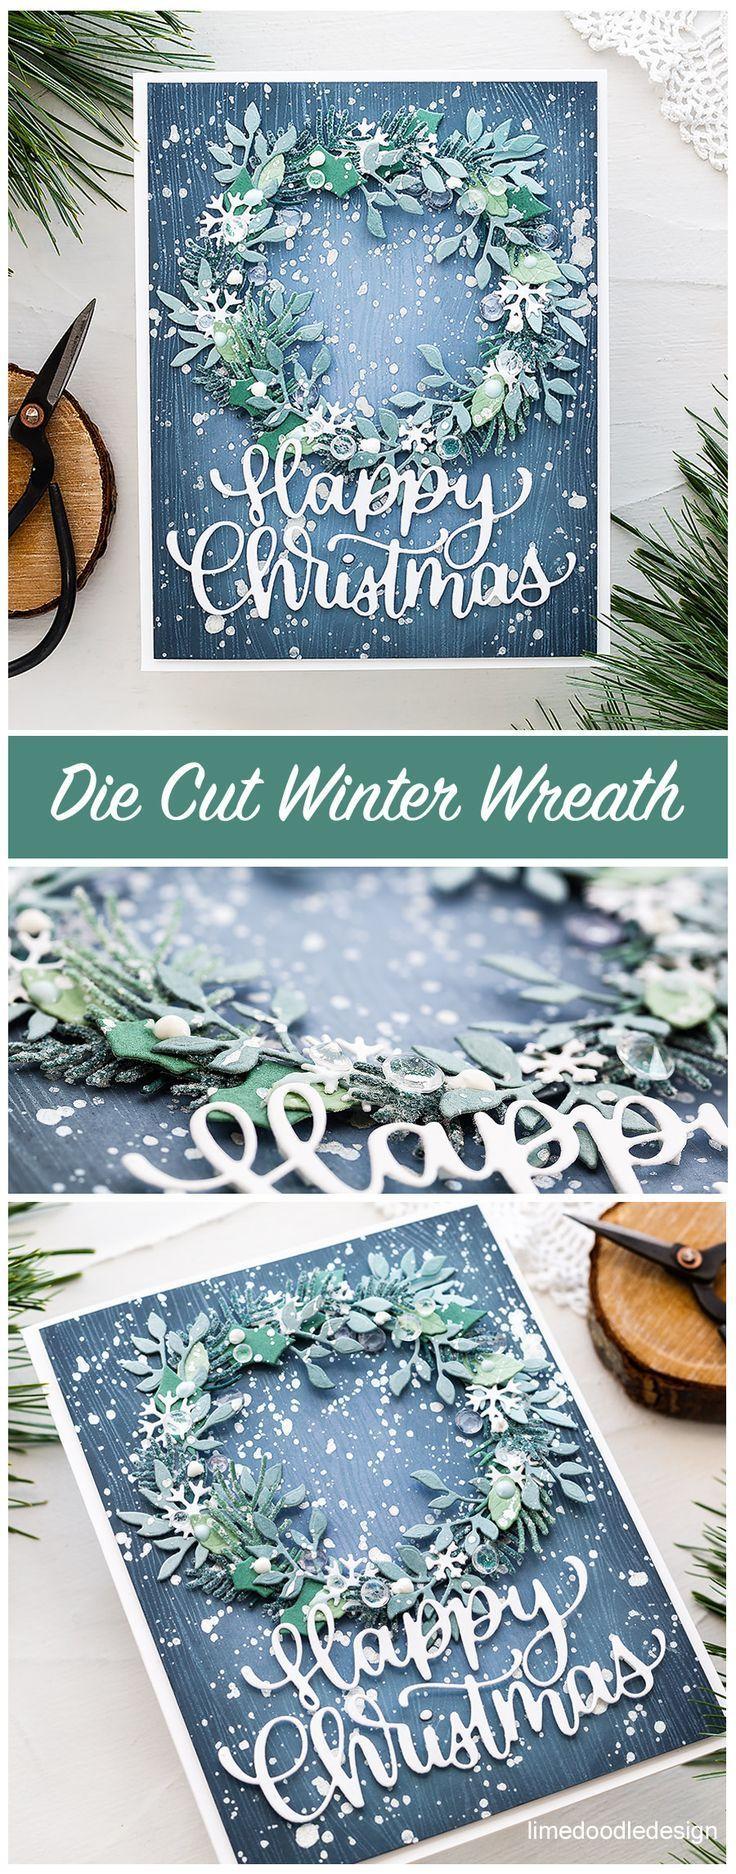 Video – Die Cut Winter Wreath